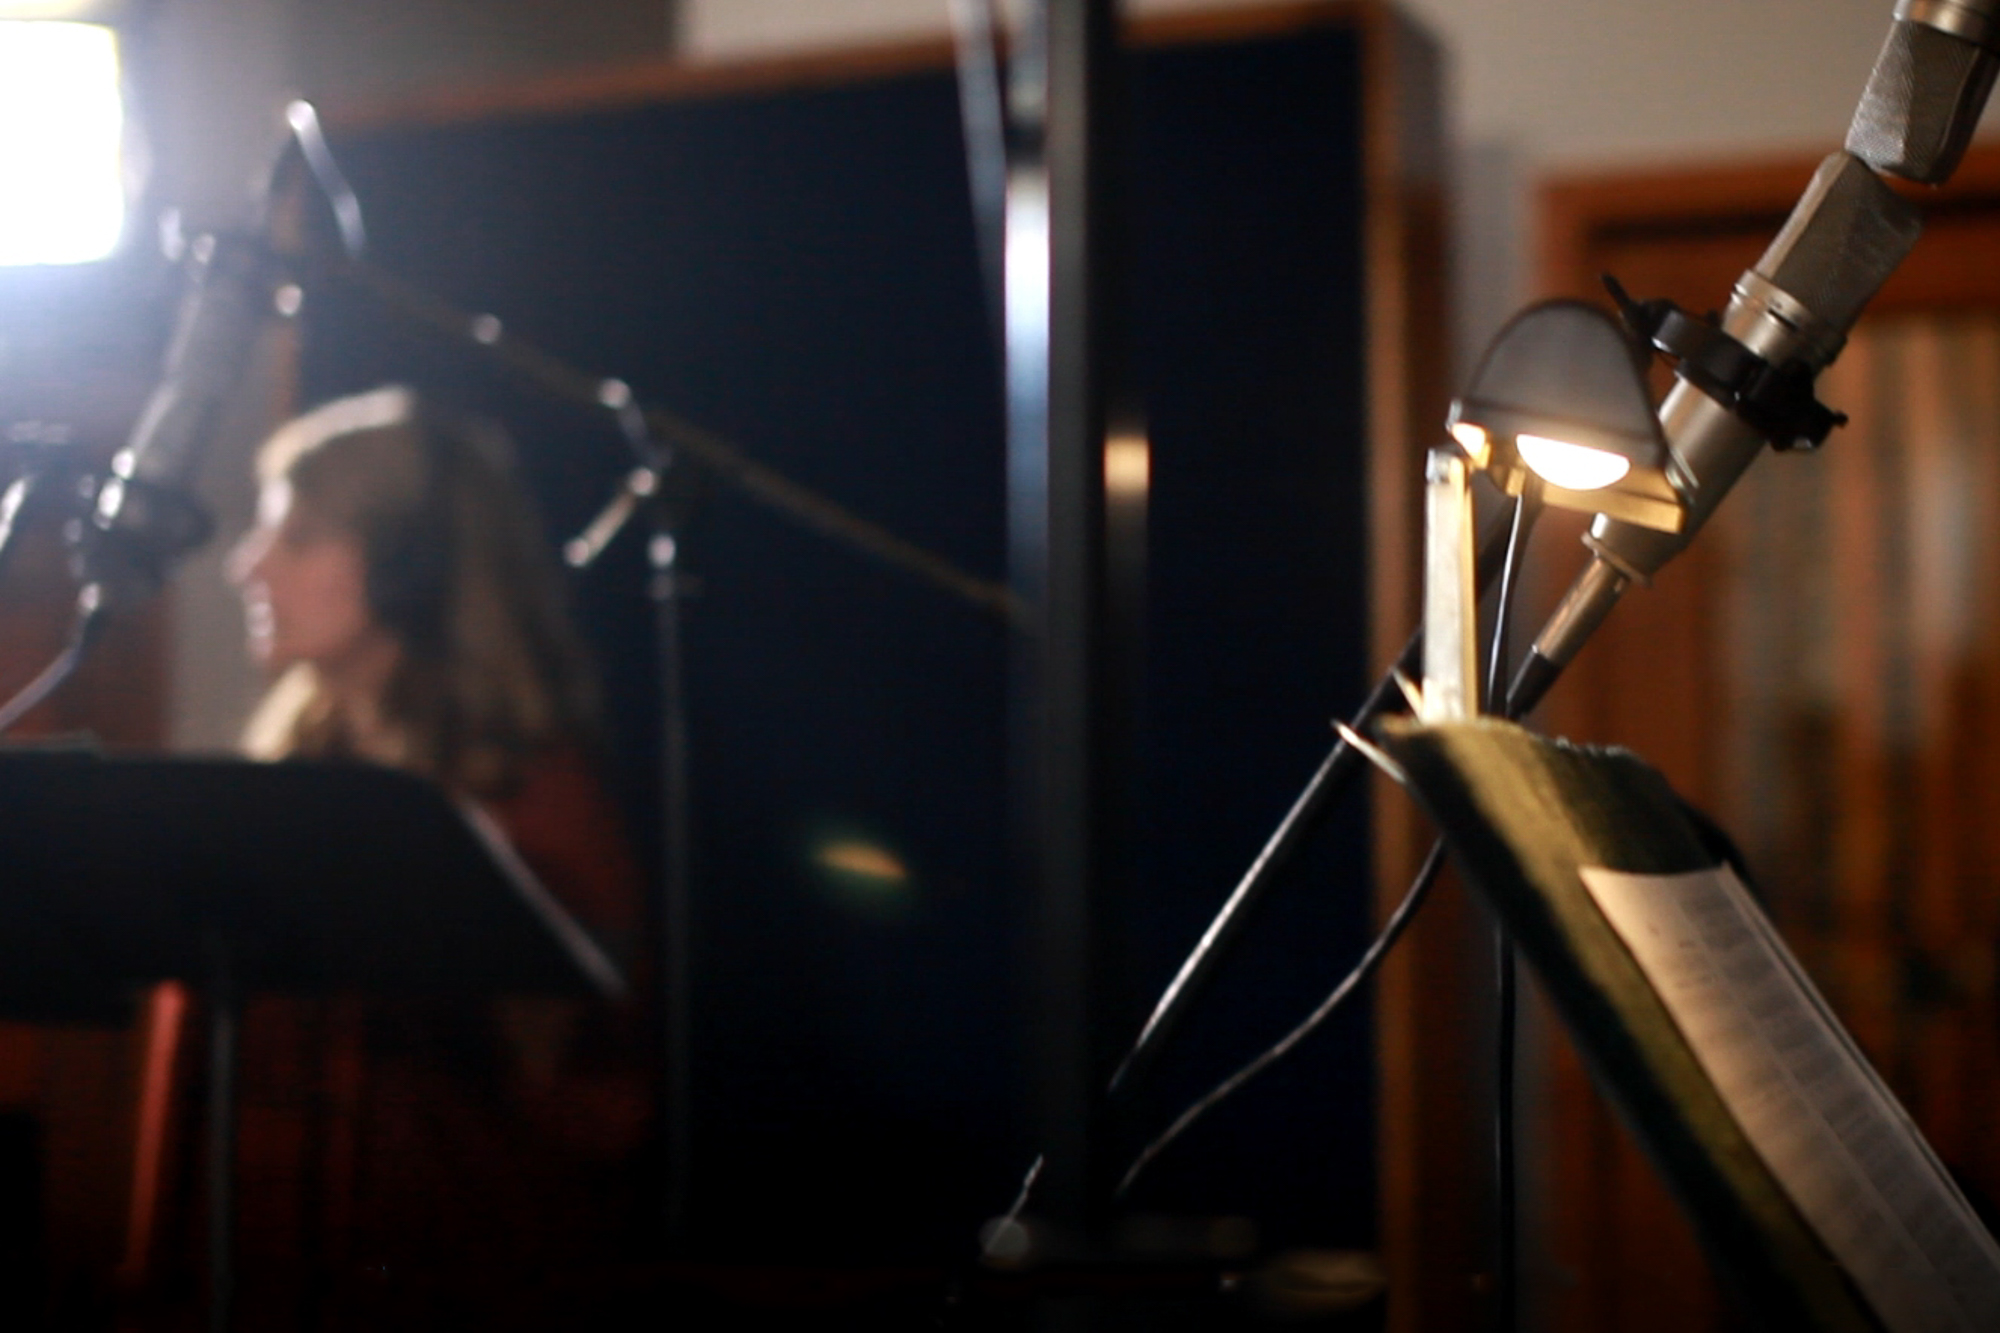 CH-RecordingStills-CAM A-1.jpg